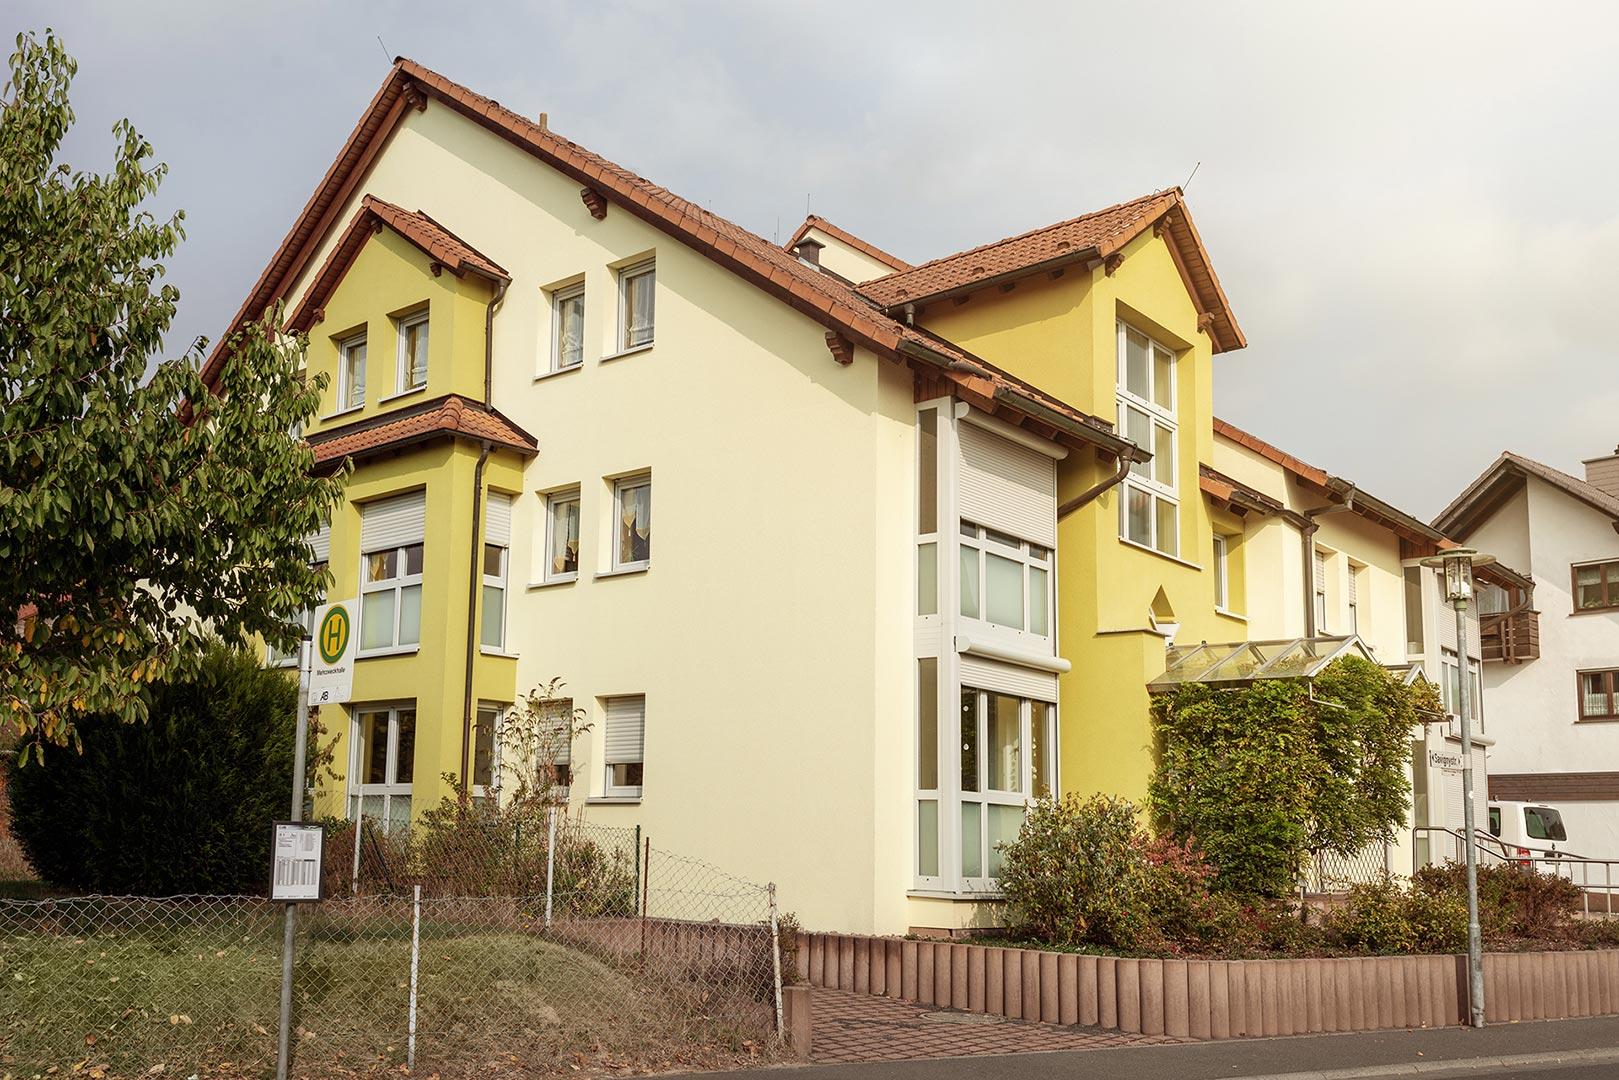 LHWS – Standort Gemeinschaftliches Wohnen Savignystraße